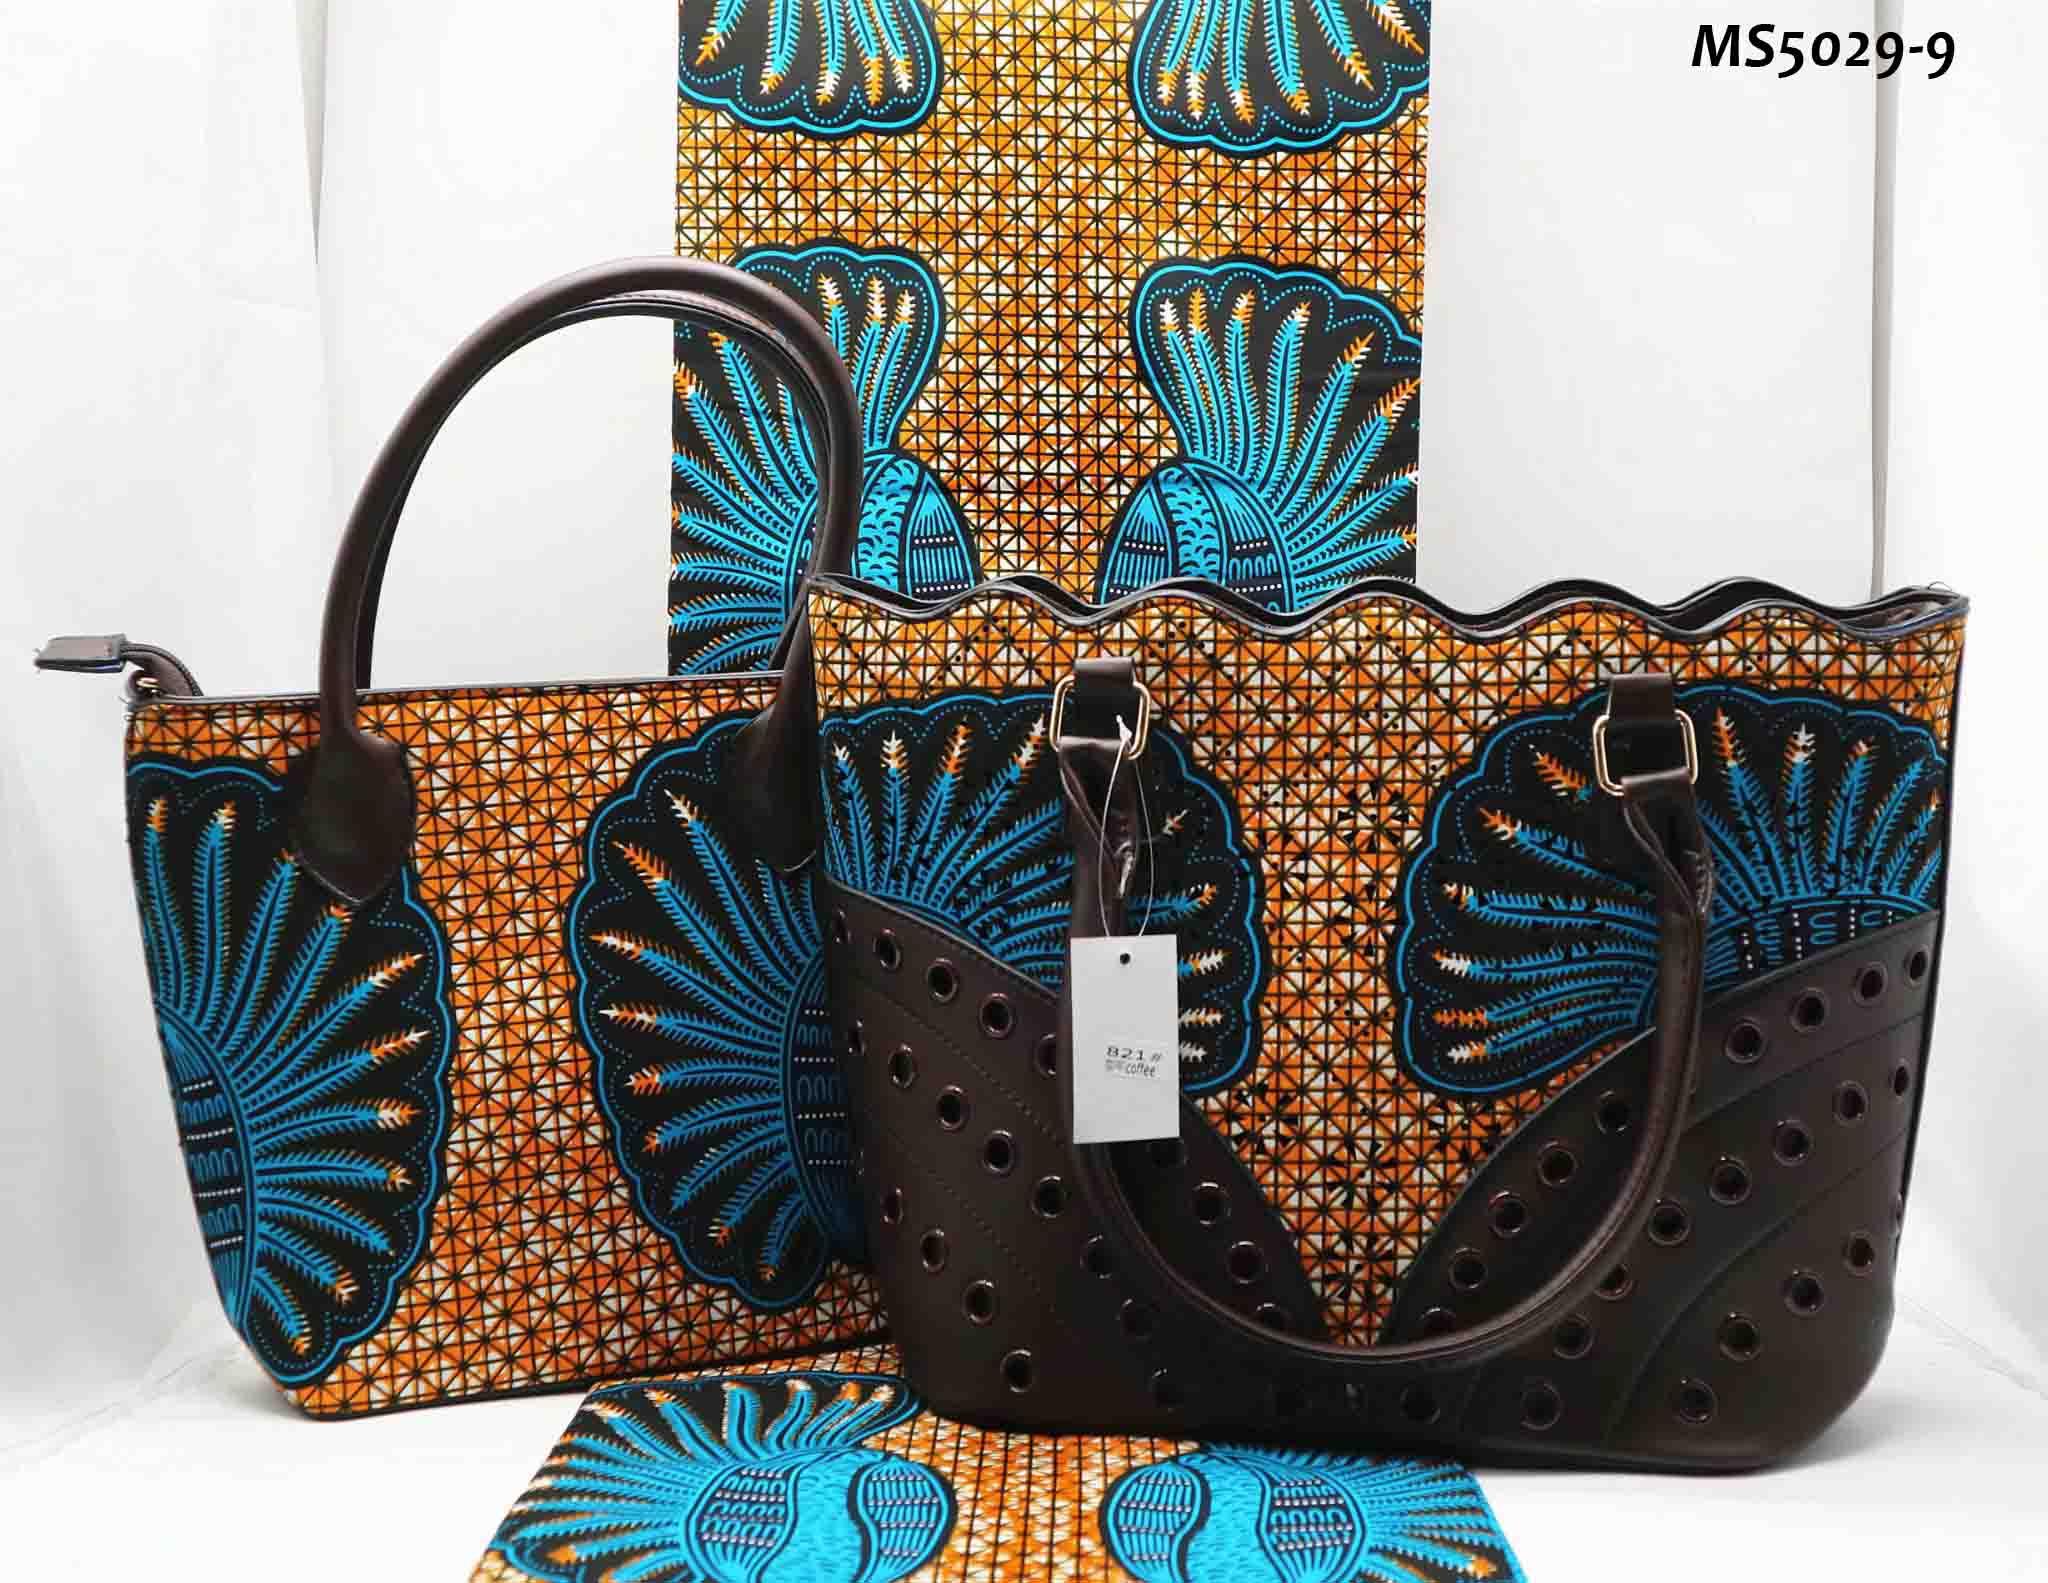 Zqphbn4anw Sacs African Prints Holland Sacs Et Shoes De À Cire Set Main qtgWwPnqd